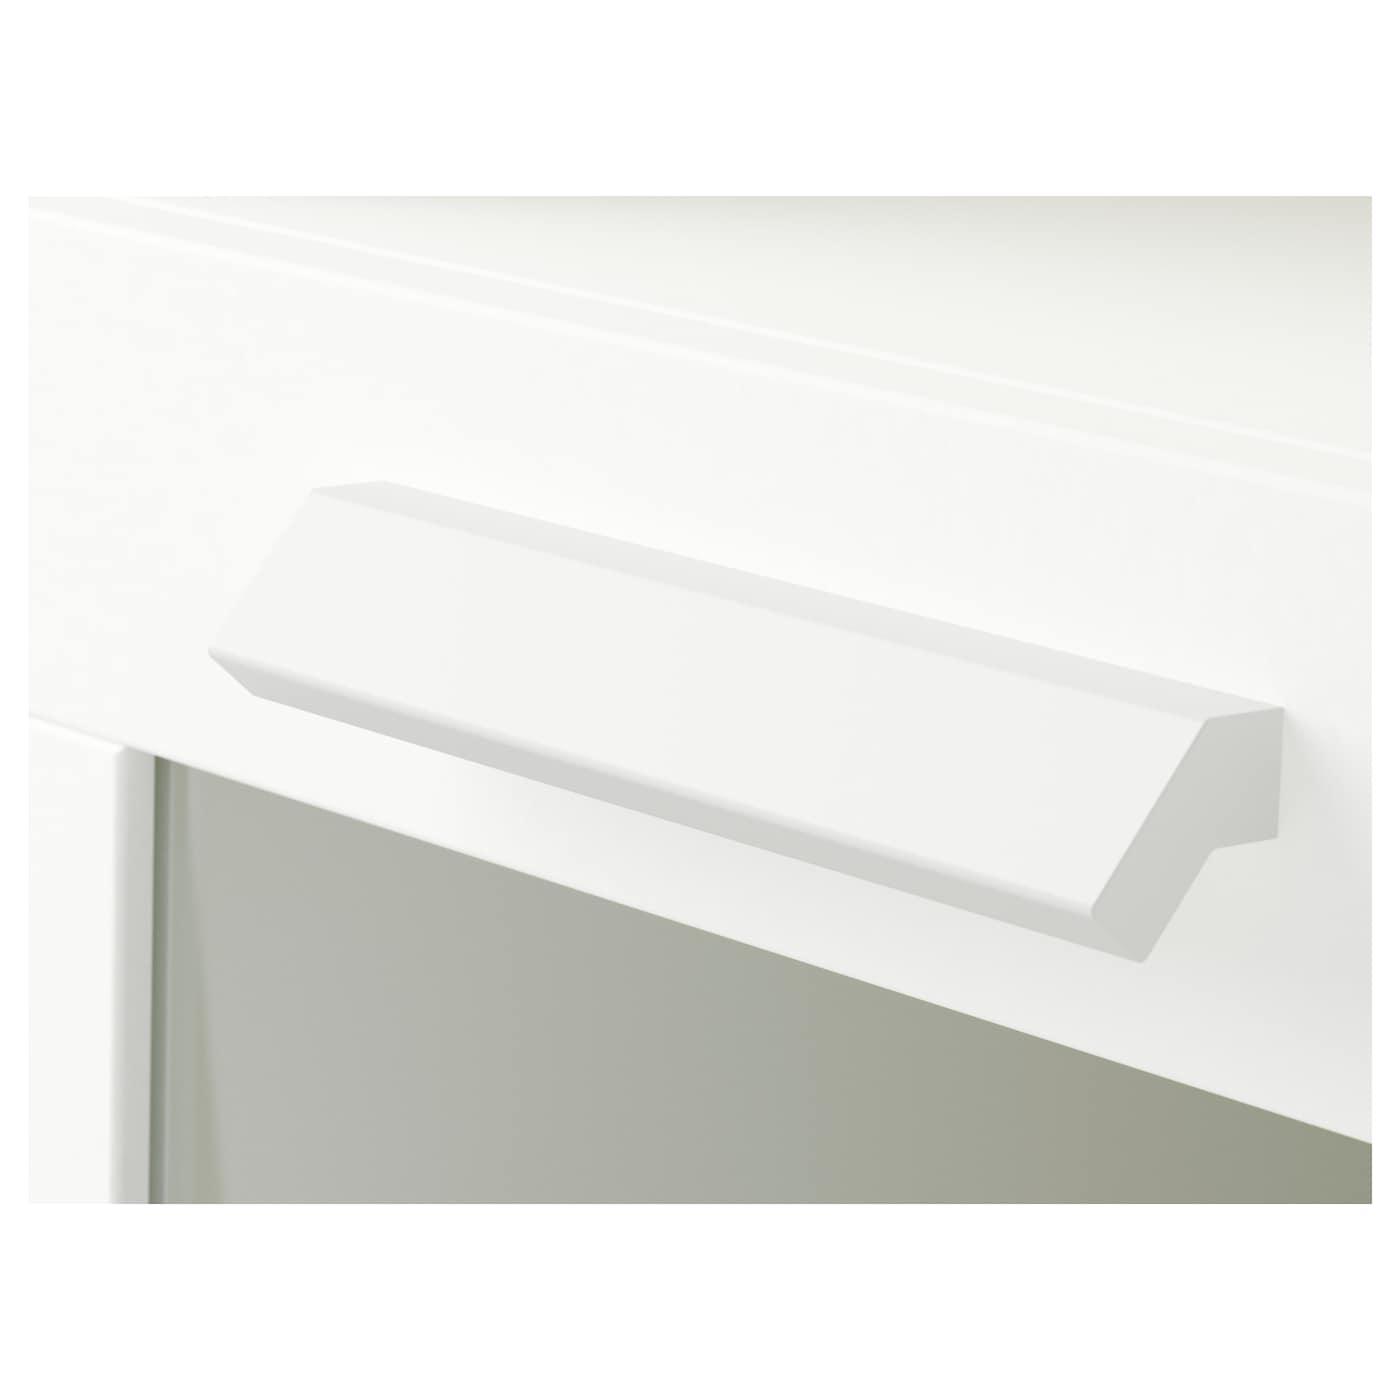 IKEA BRIMNES Ablagetisch weiß 39x41 cm Kommode Nachttisch